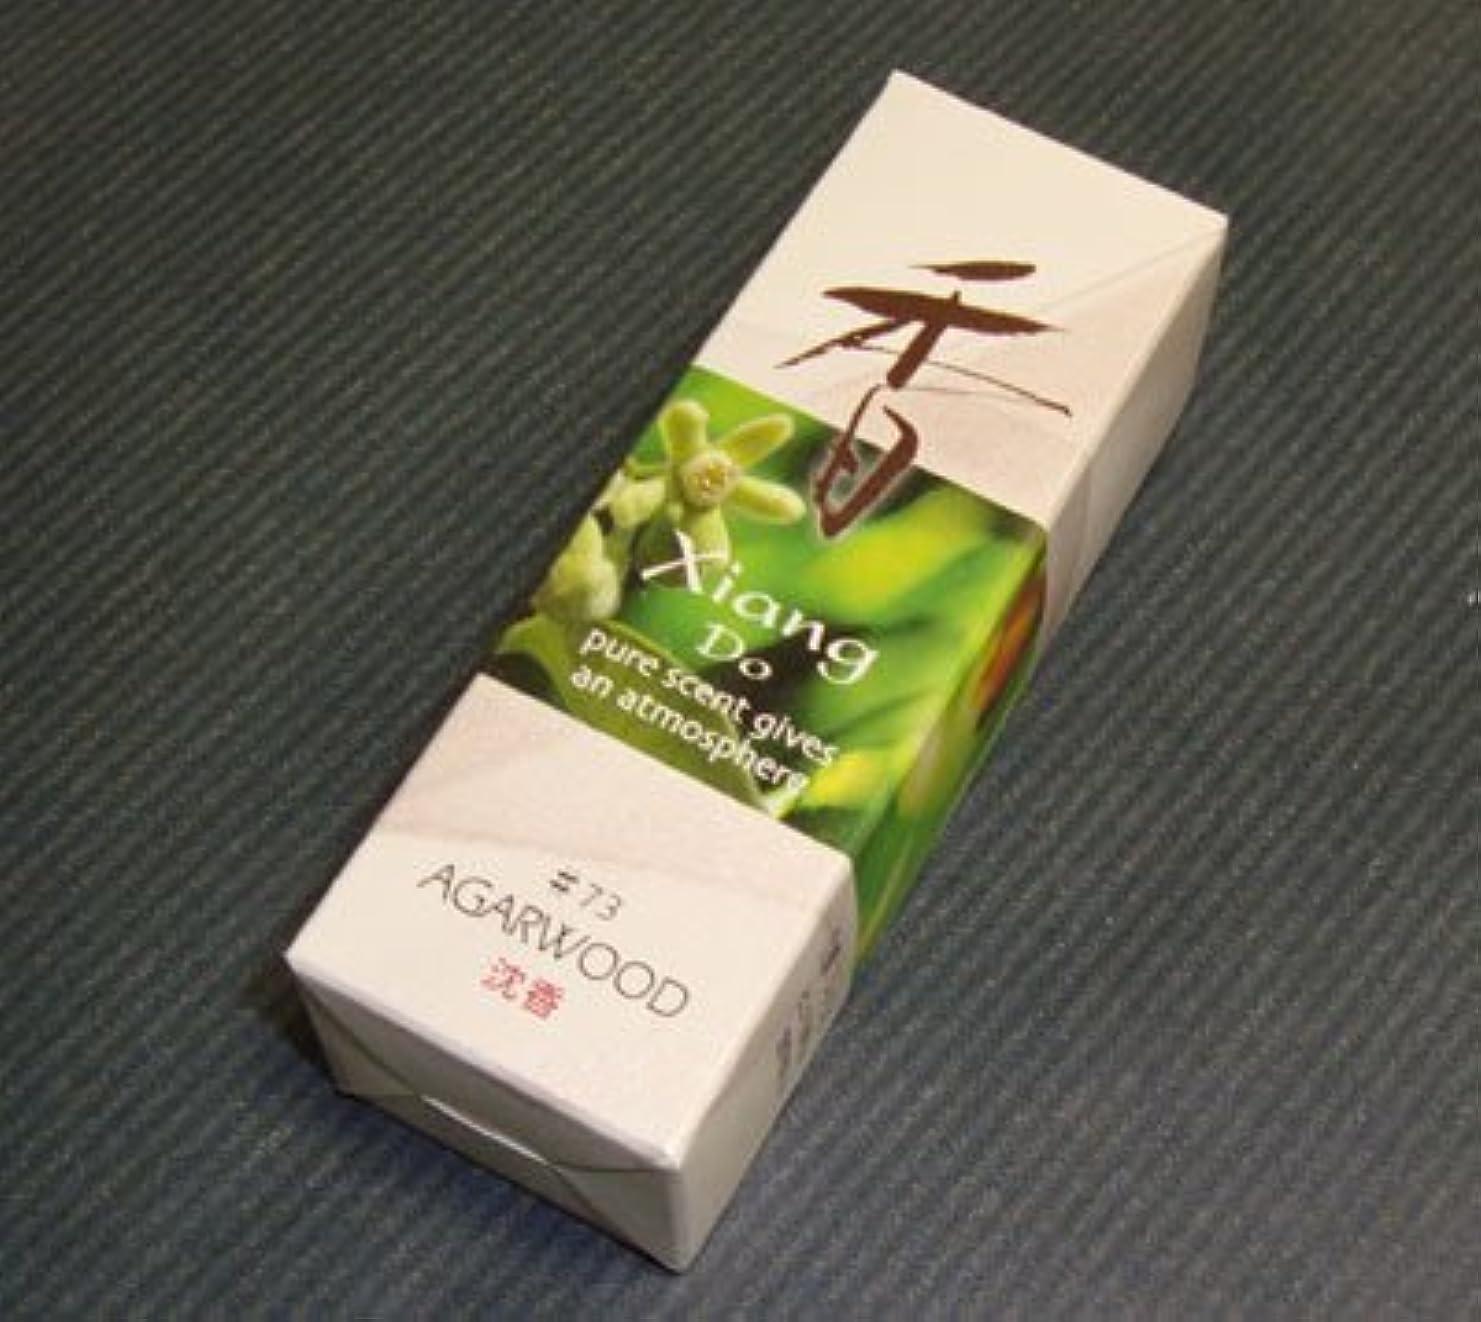 拮抗手つかずのお茶沈水香木の落着いた香りです 松栄堂【Xiang Do アガーウッド】スティック 【お香】